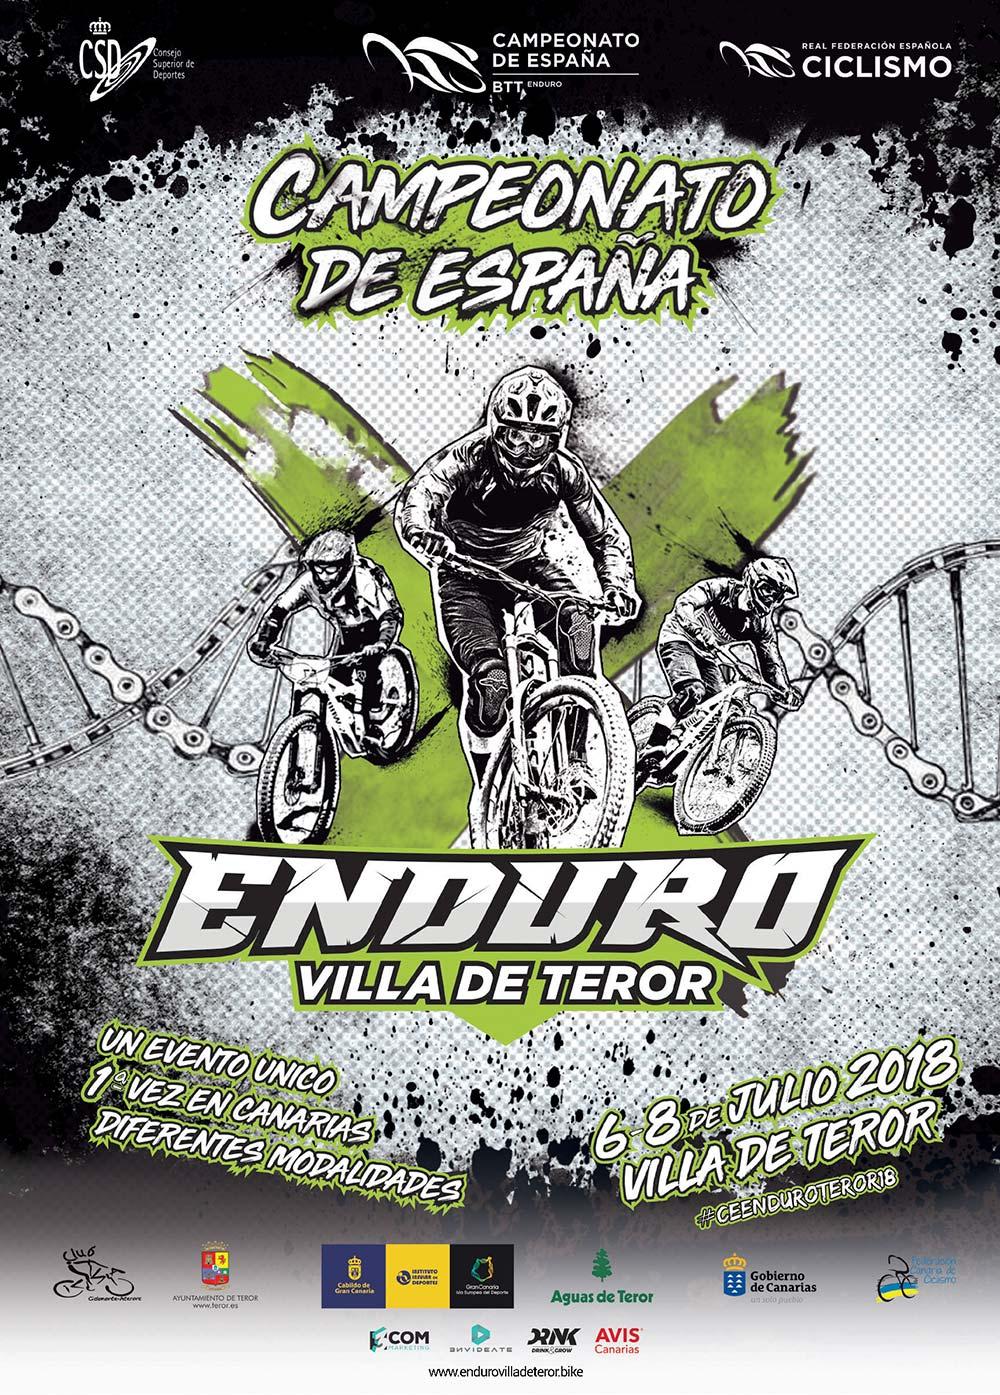 La localidad canaria de Teror acoge el Campeonato de España de Enduro 2018